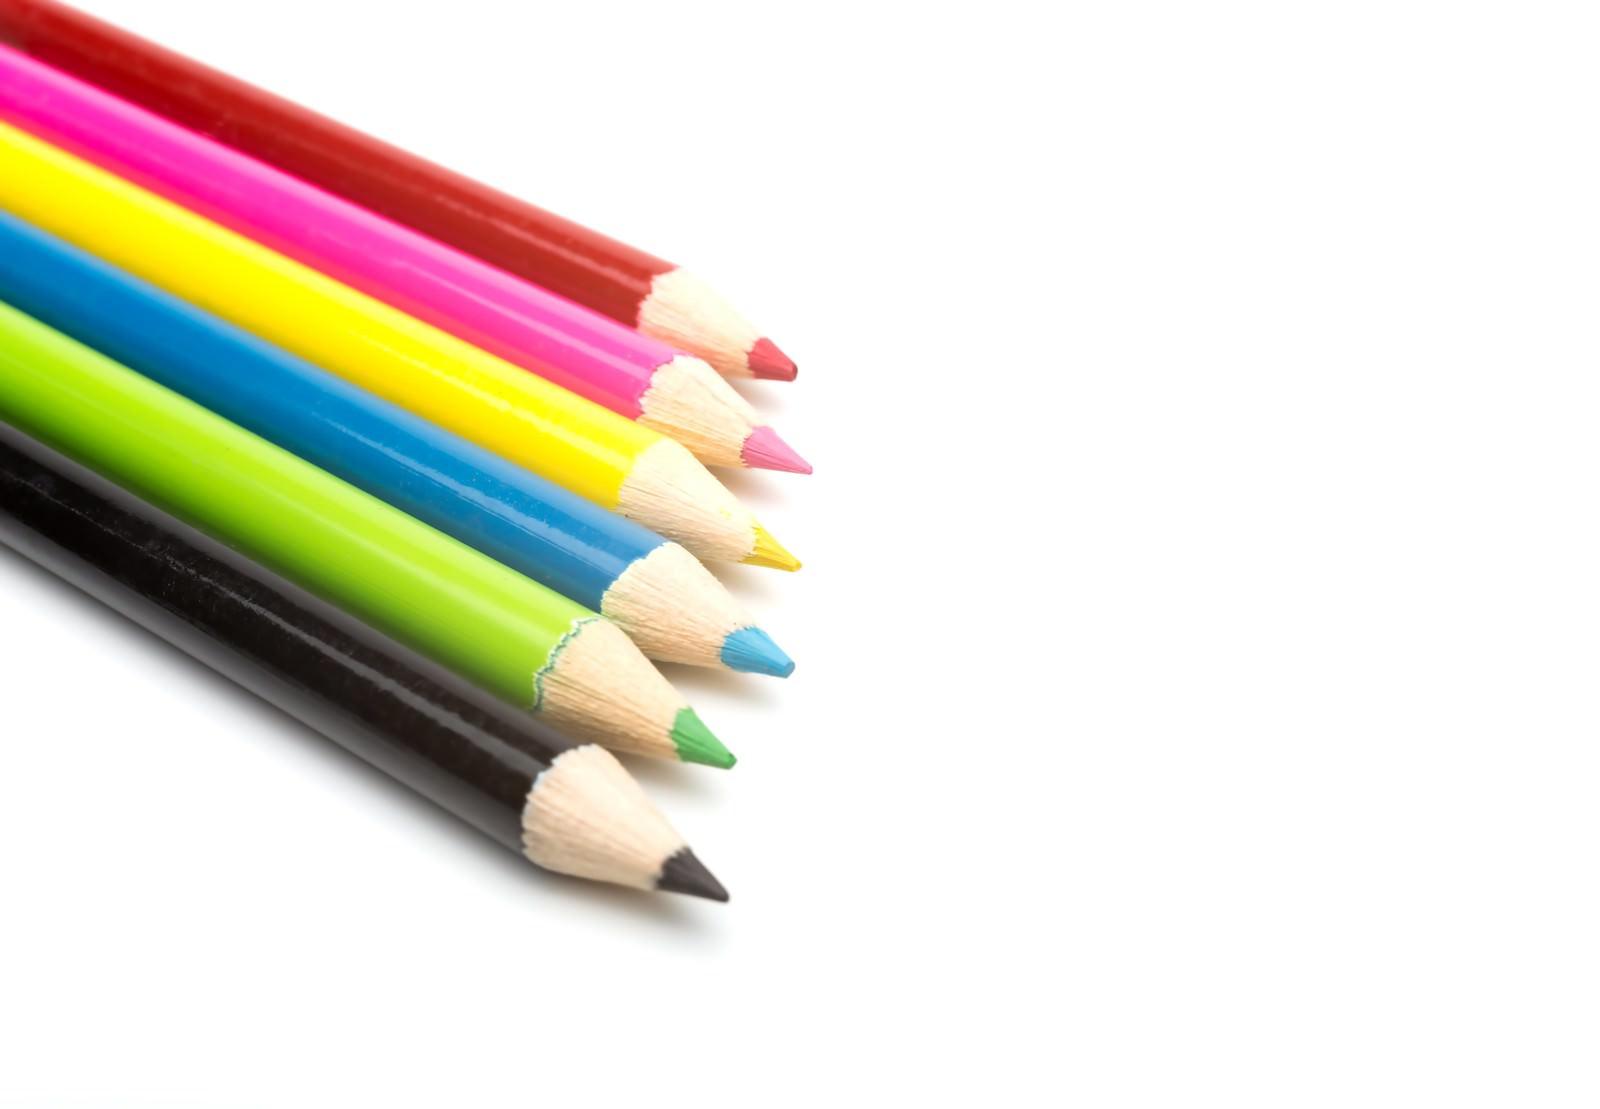 「鮮やかな色鉛筆」の写真